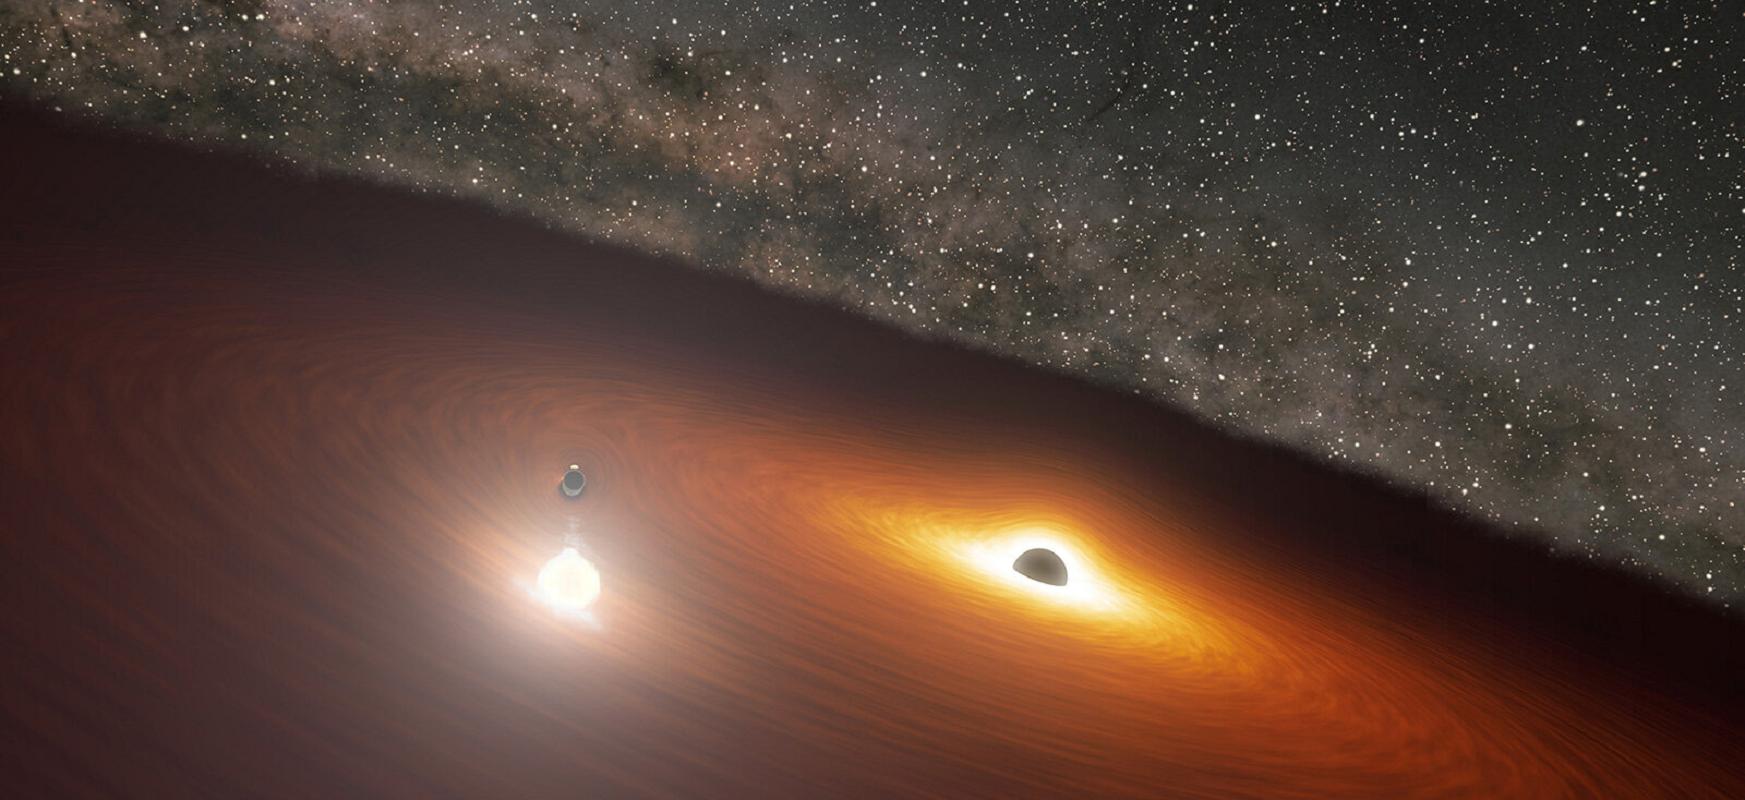 Spitzer Space Telescopeak zulo beltzak burusoilak direla baieztatzen du.  Ilea ez, ez bat